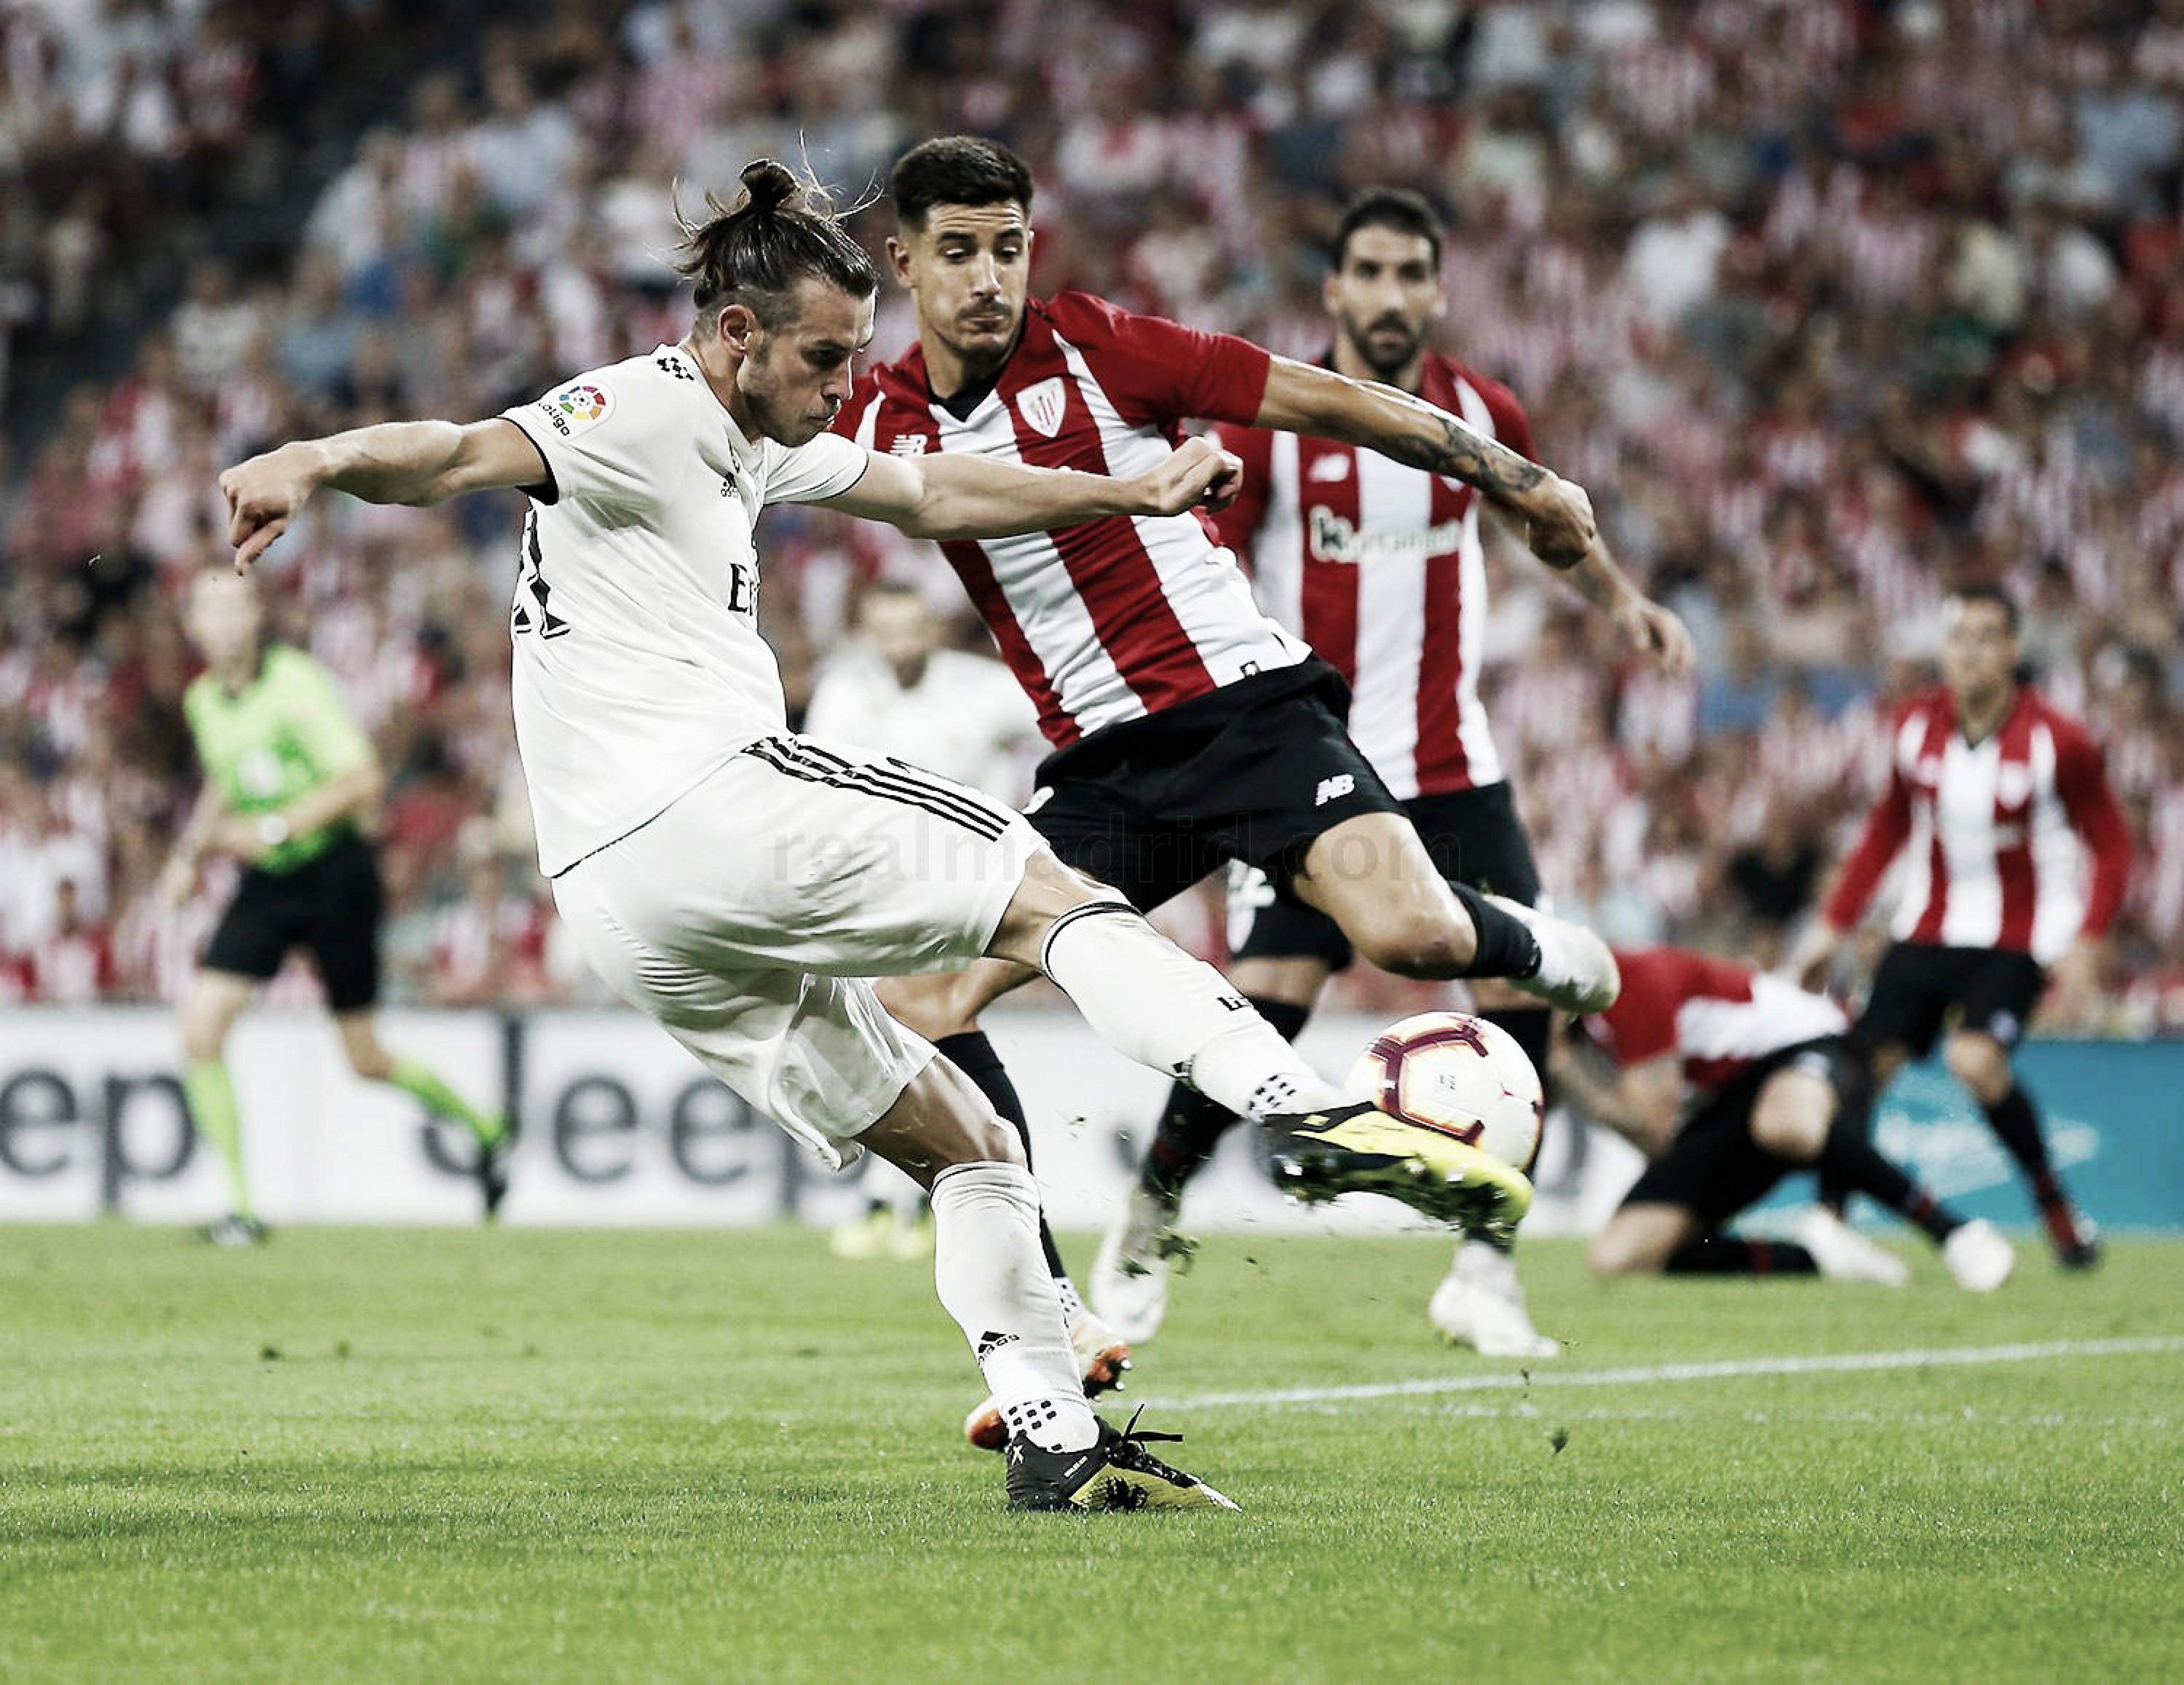 Em jogo movimentado, Real Madrid consegue empate contra Athletic Bilbao